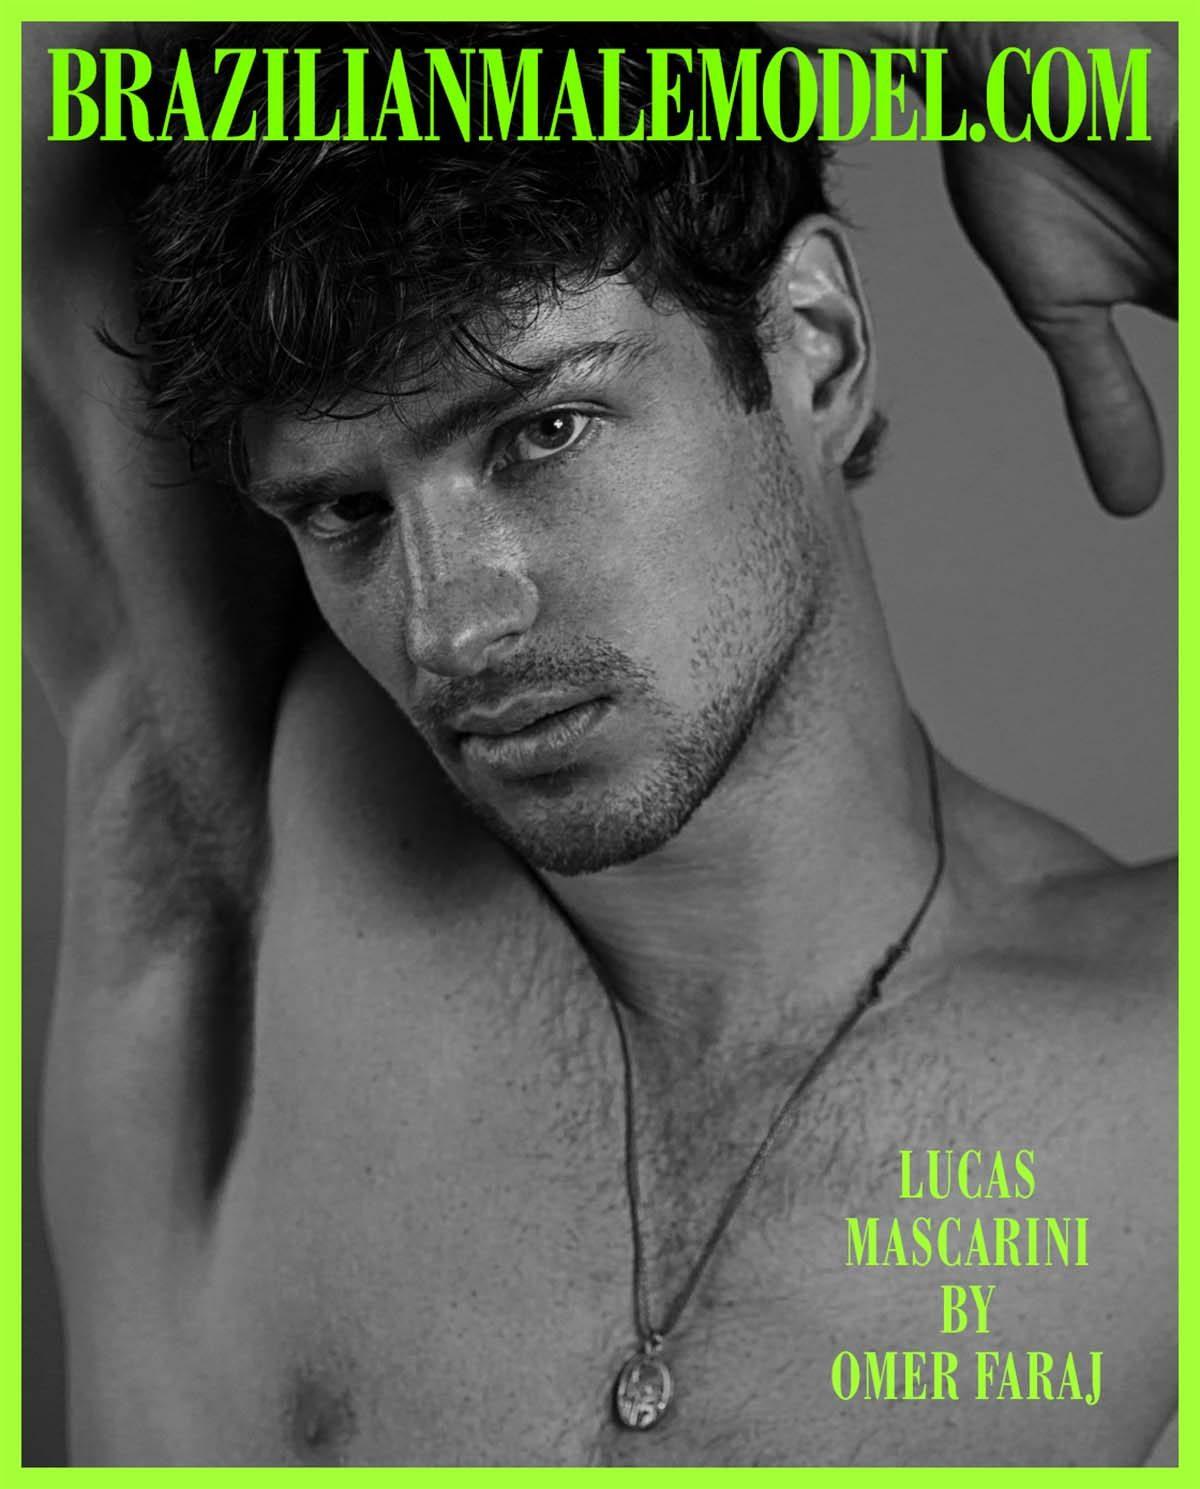 Lucas Mascarini by Omer Faraj